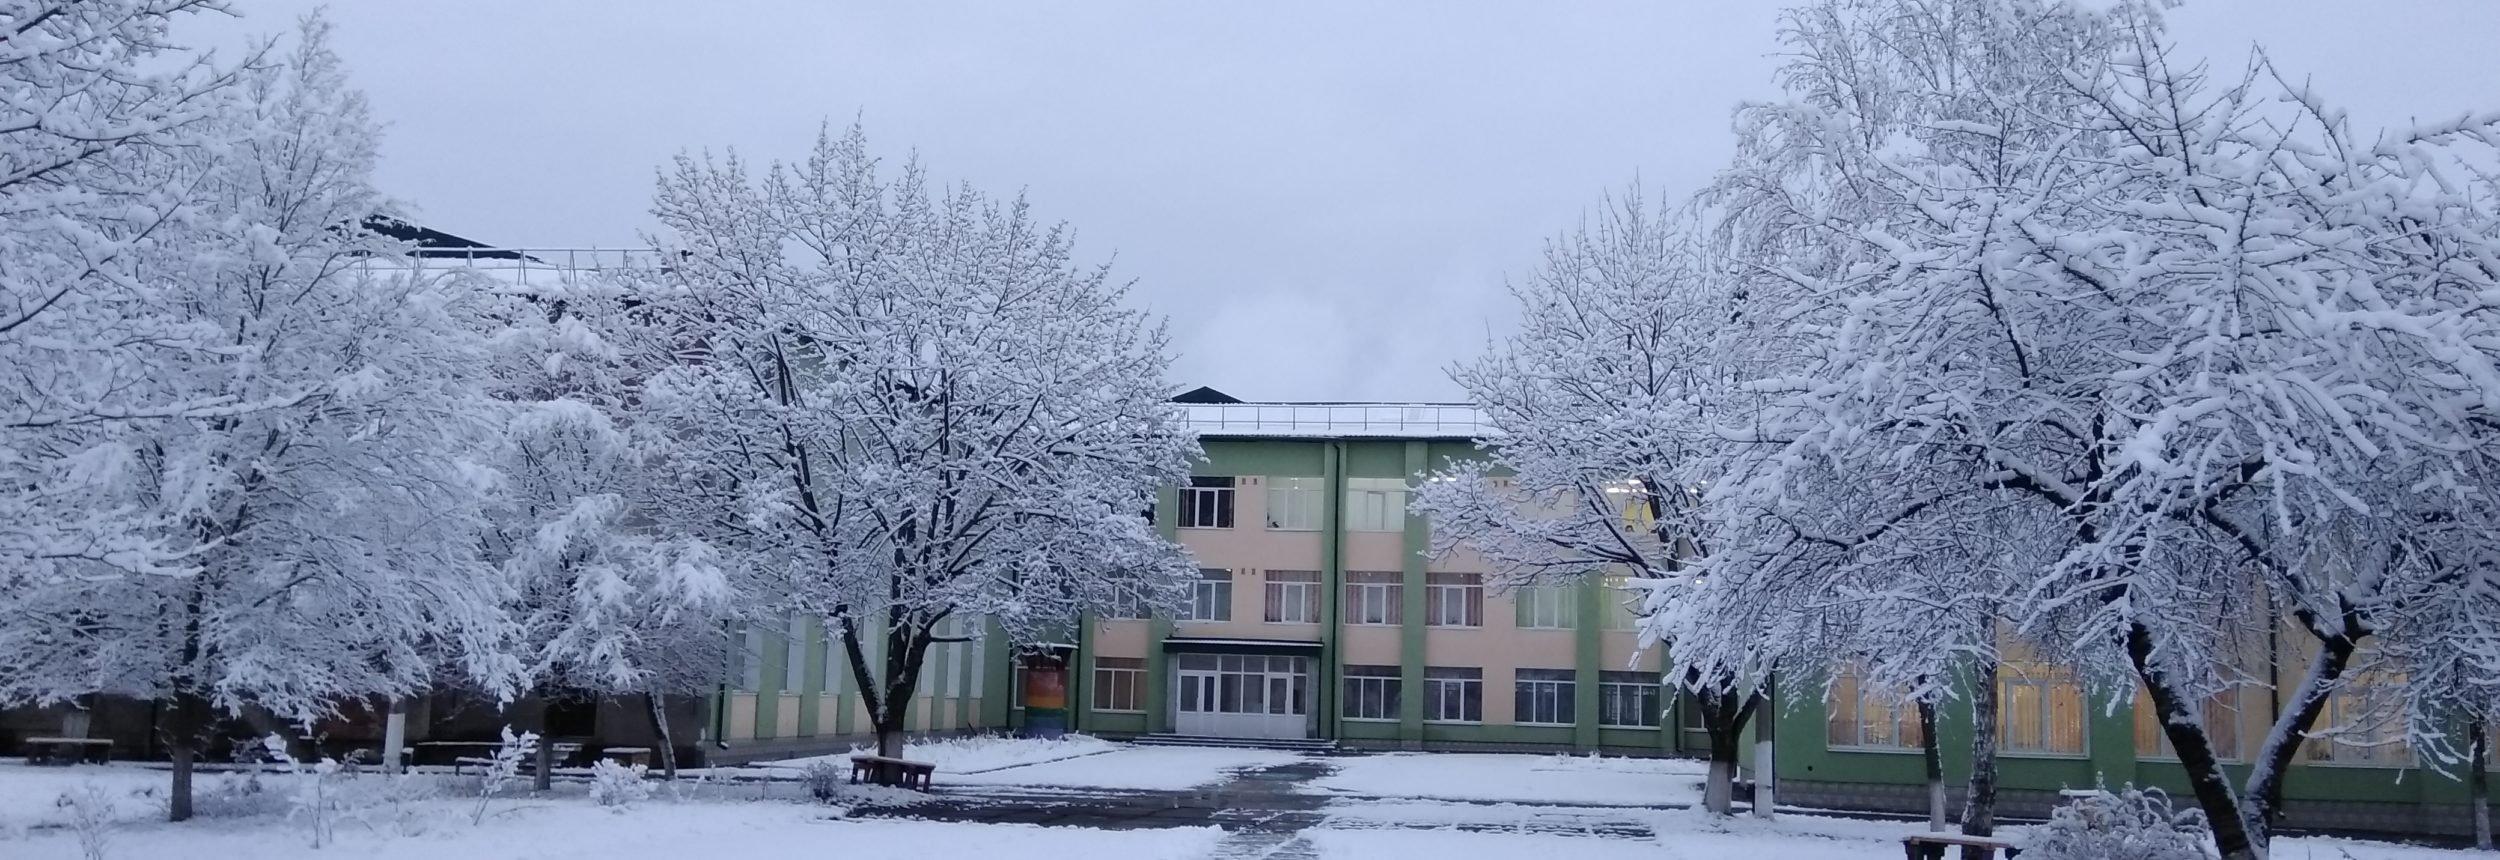 Вараська ЗОШ І-ІІІ ступенів №1 Вараської міської ради Рівненської області